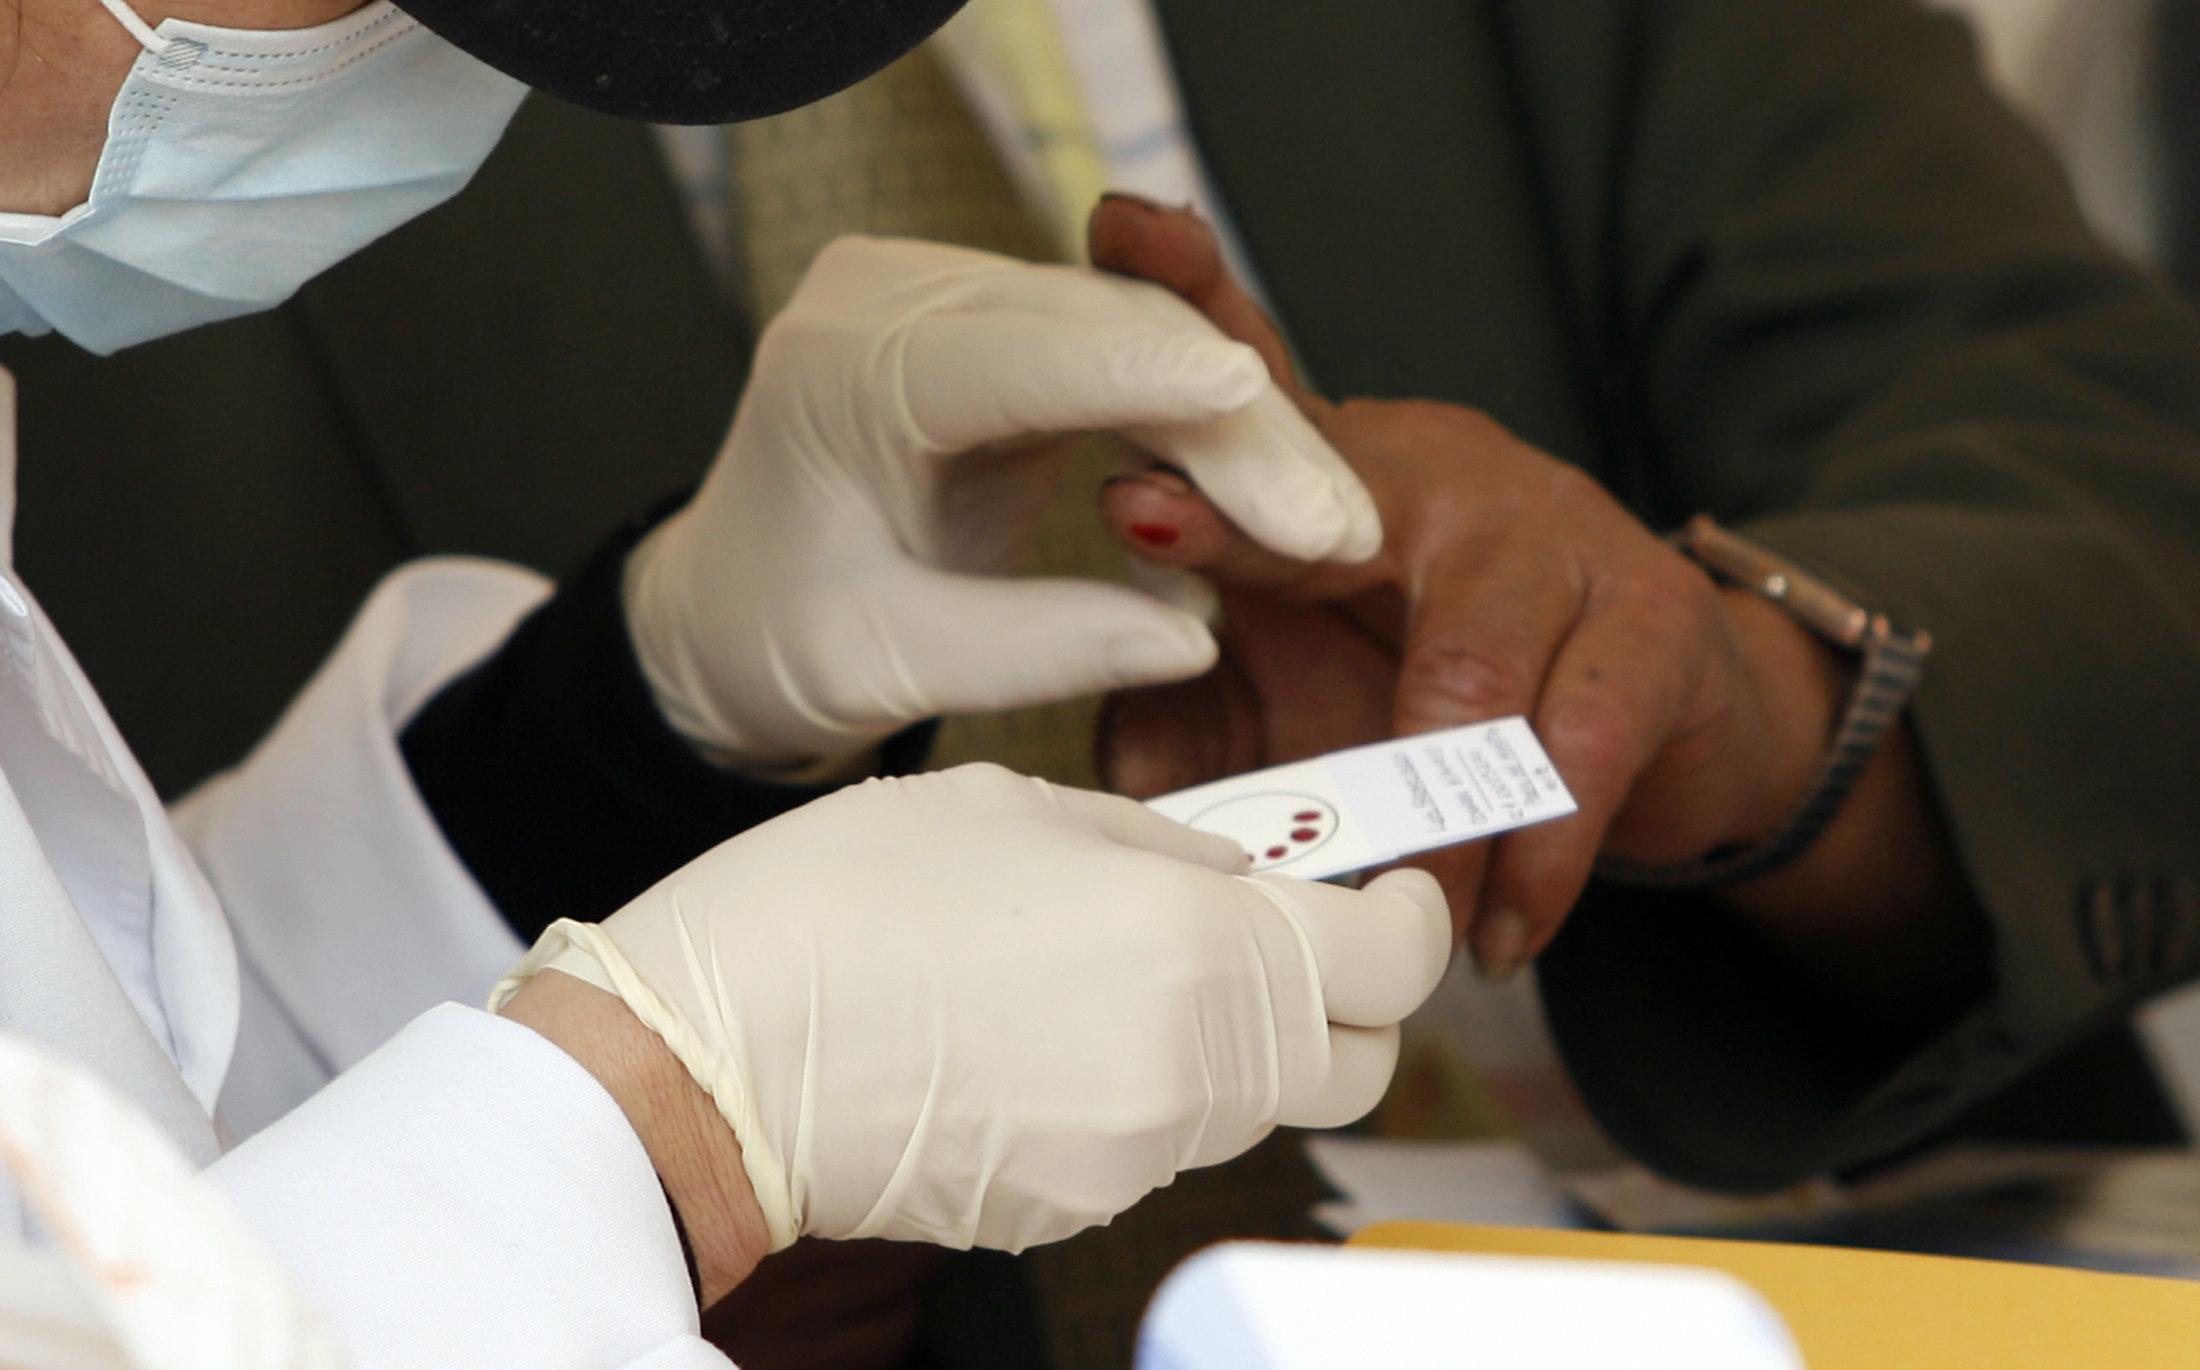 Aναπτύχθηκε το πρώτο τεστ αίματος που ανιχνεύει ταυτόχρονα οκτώ είδη καρκίνου. Έλληνας στην επιστημονική ομάδα